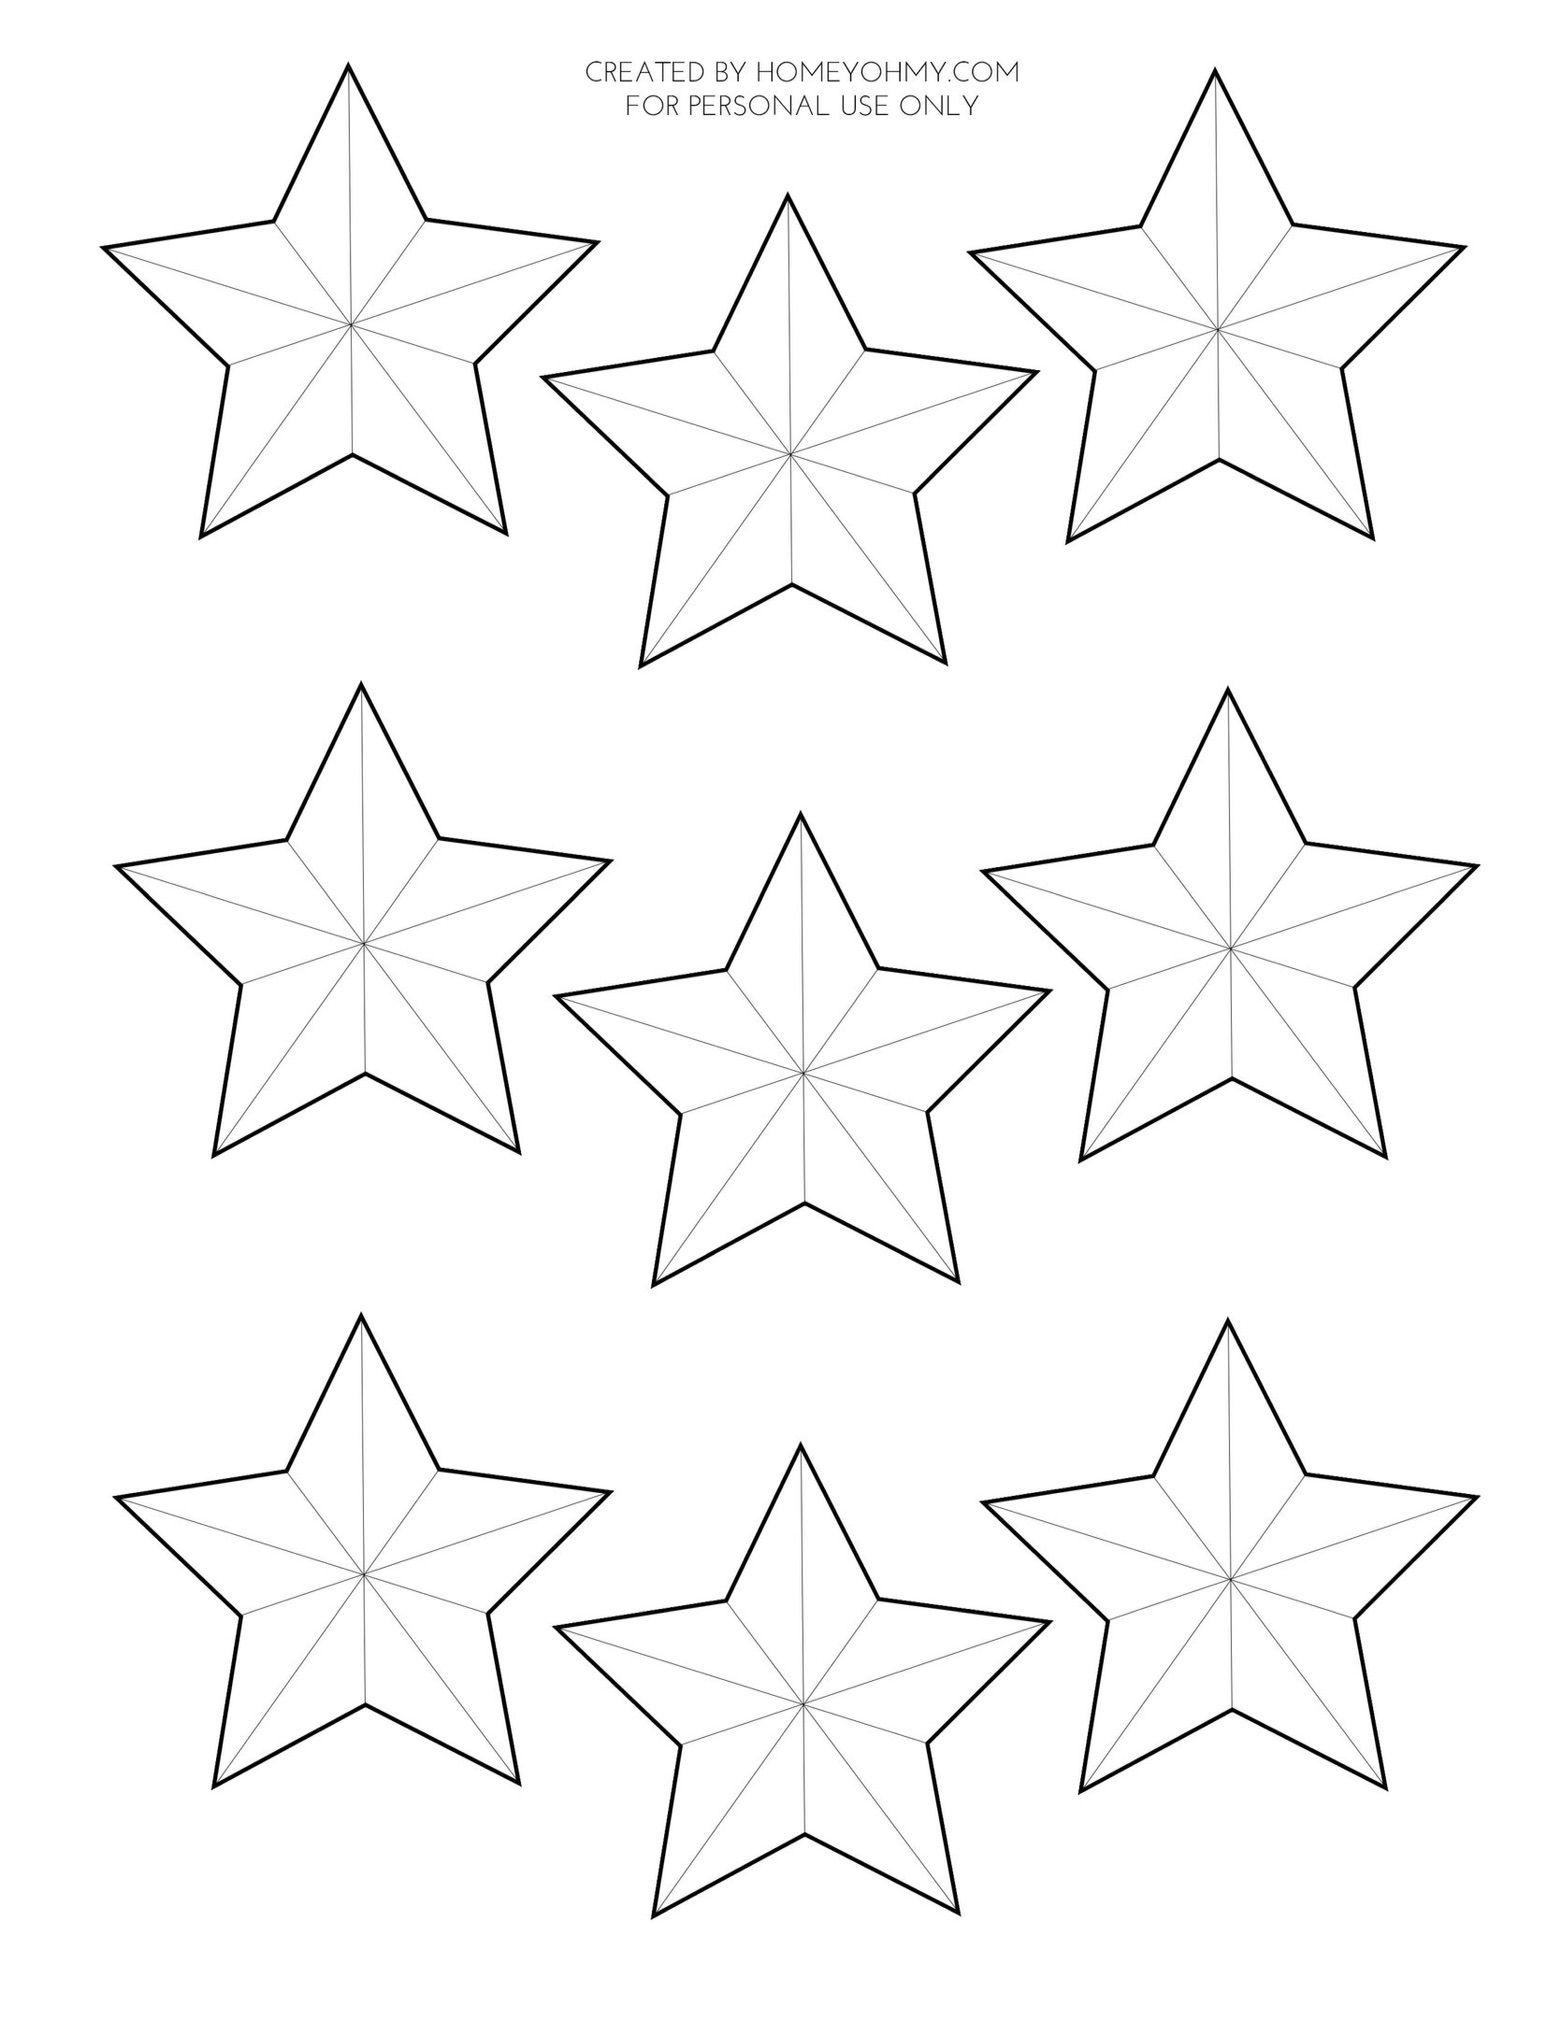 Шаблон звездочек для открытки, сделать хорошую открытку